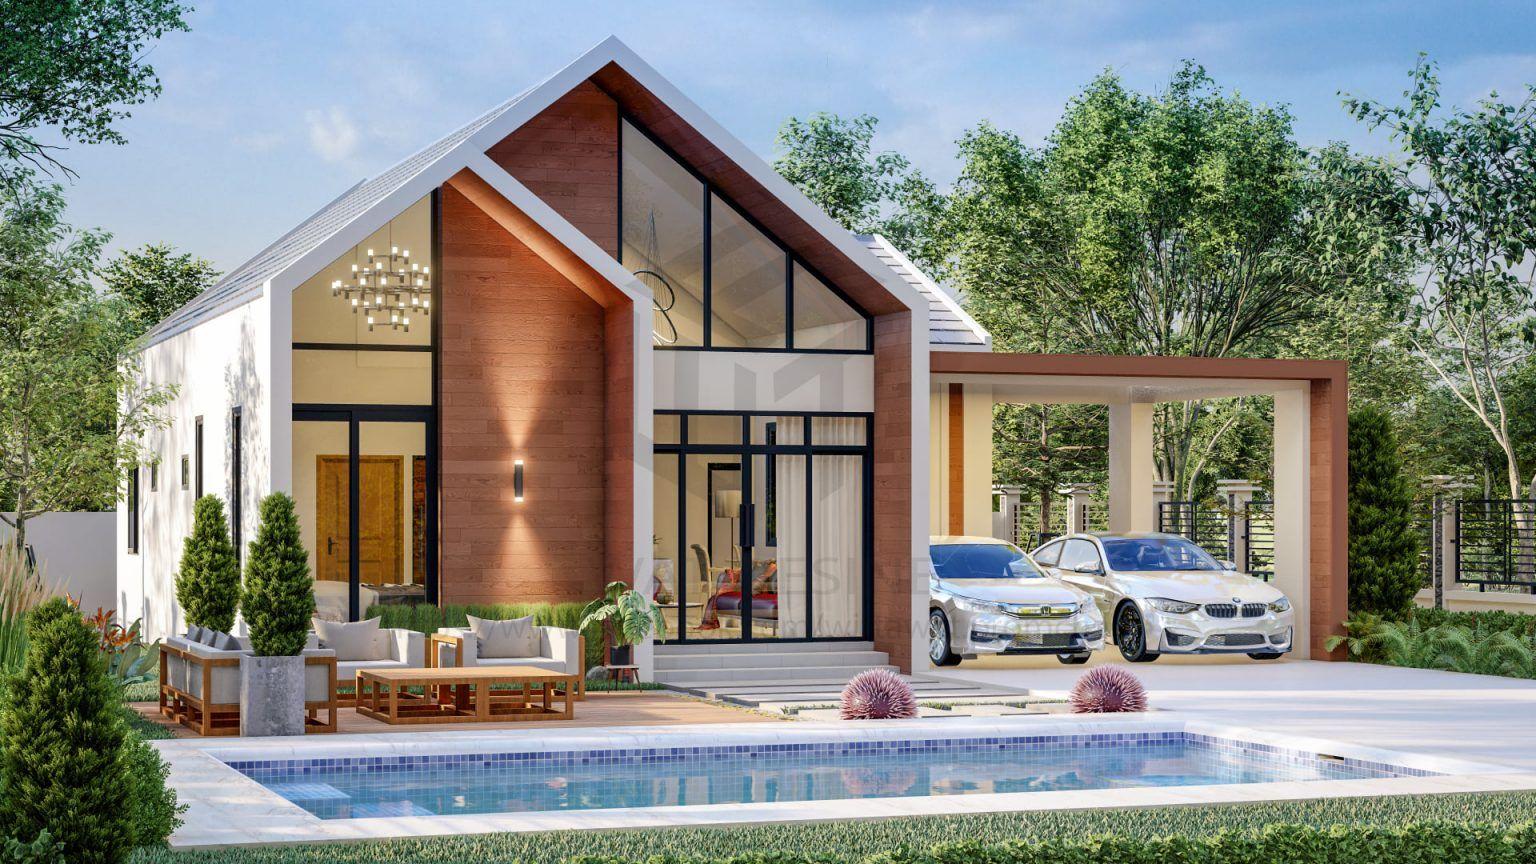 บ านทรงนอร ด กสไตล ย โรป 3 ห องนอน 2 ห องน ำ ฟ งก ช นใช งานครบคร น Thai Let S Go ในป 2021 แบบบ านภายนอก ร ปแบบบ าน สถาป ตยกรรมบ าน